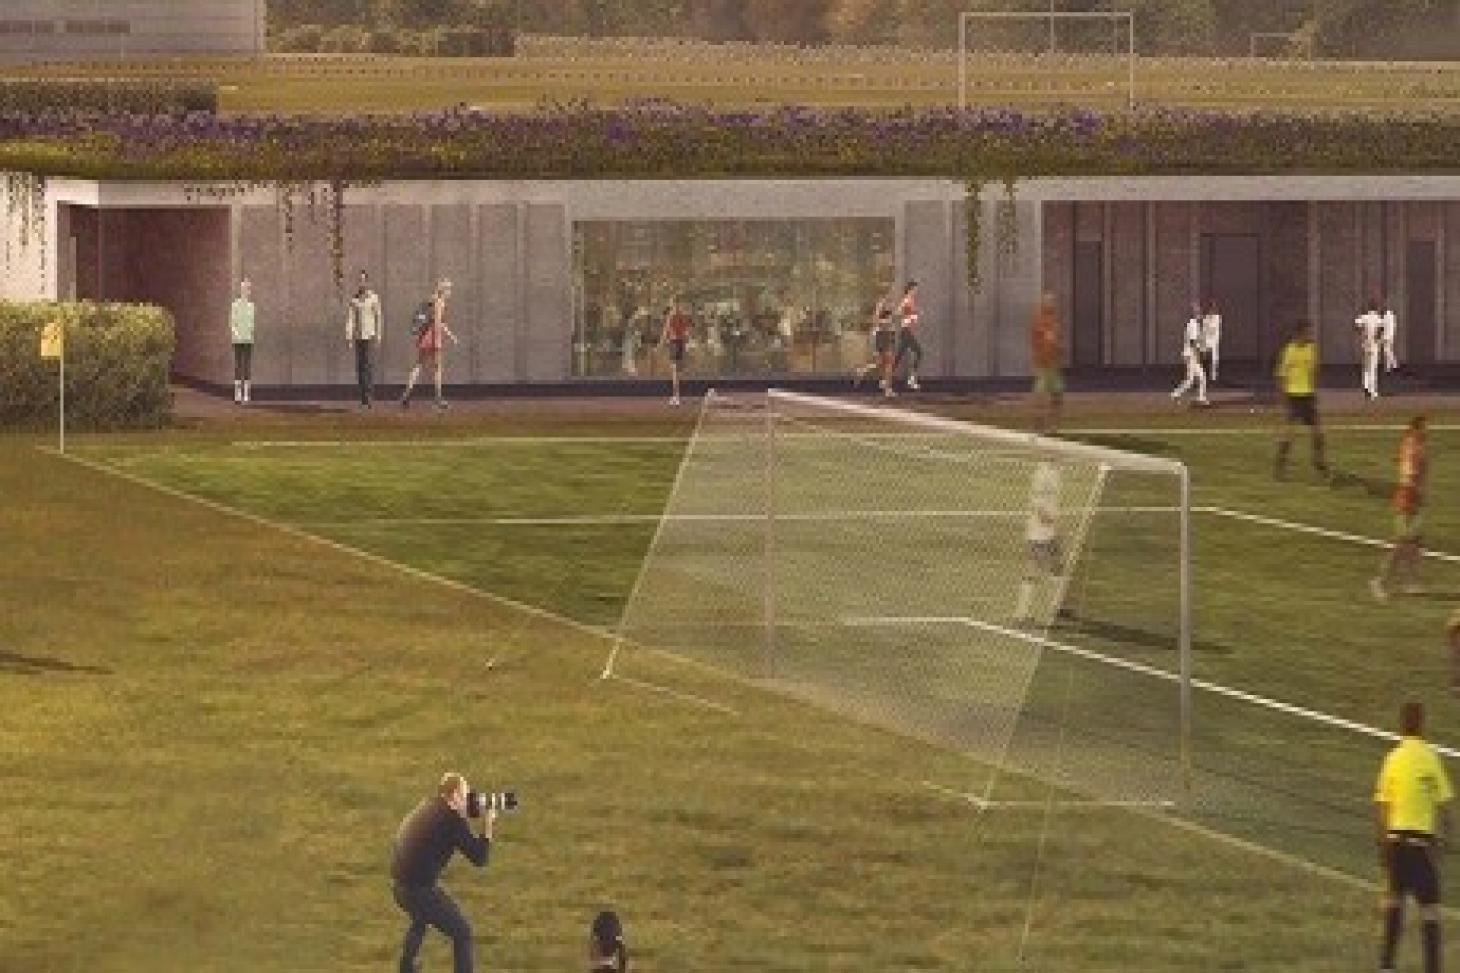 Warren Farm 11 a side | Grass football pitch